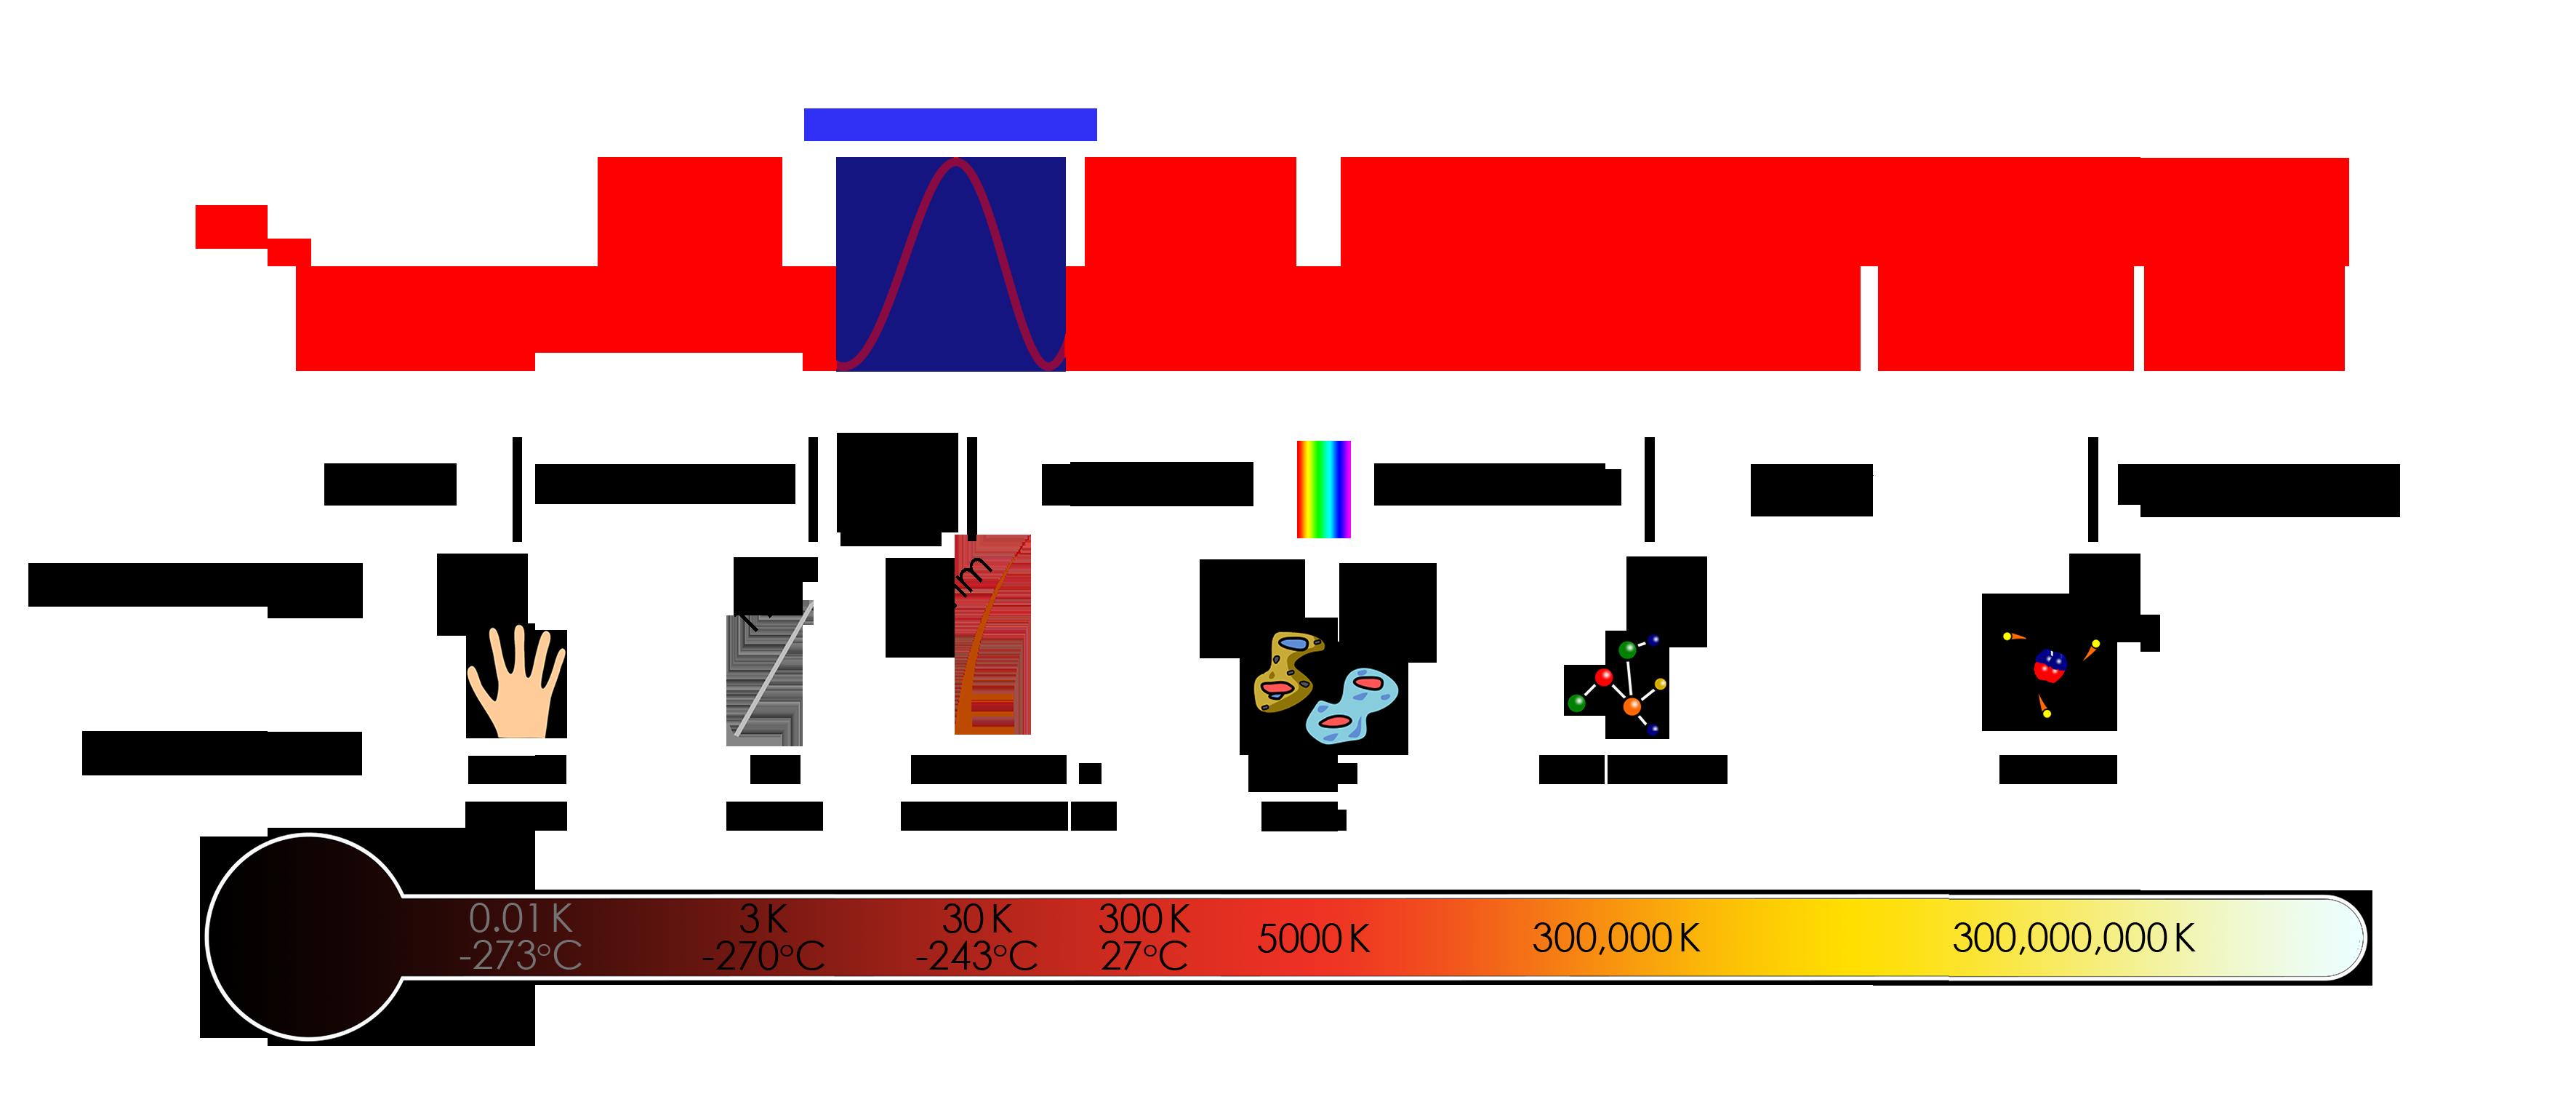 http://coolwiki.ipac.caltech.edu/images/0/03/Herschel.png